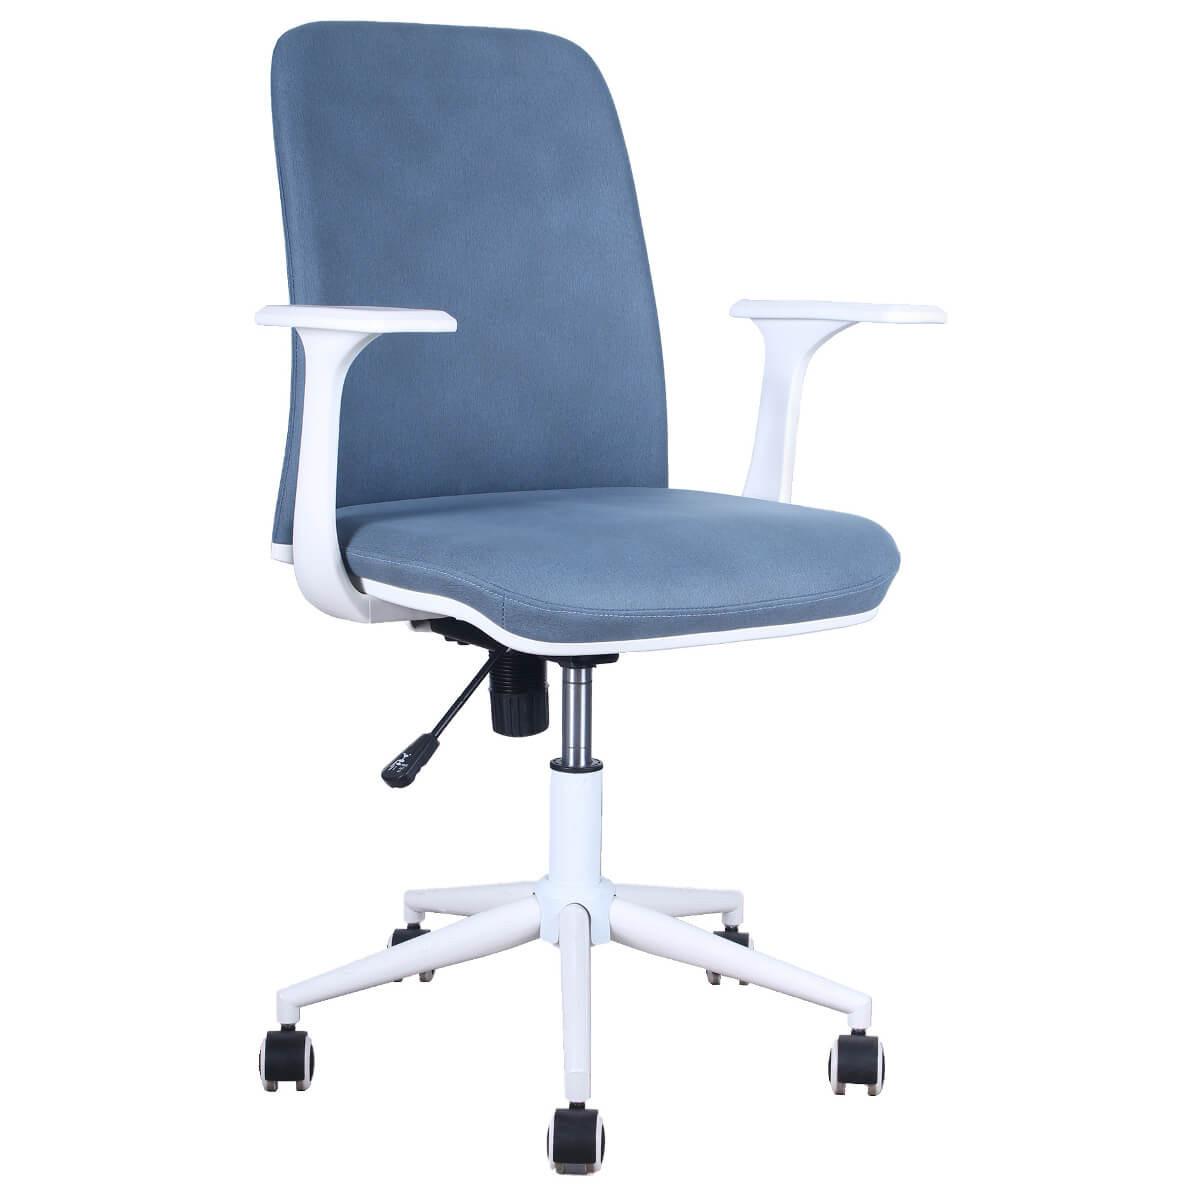 silla escritorio mujer